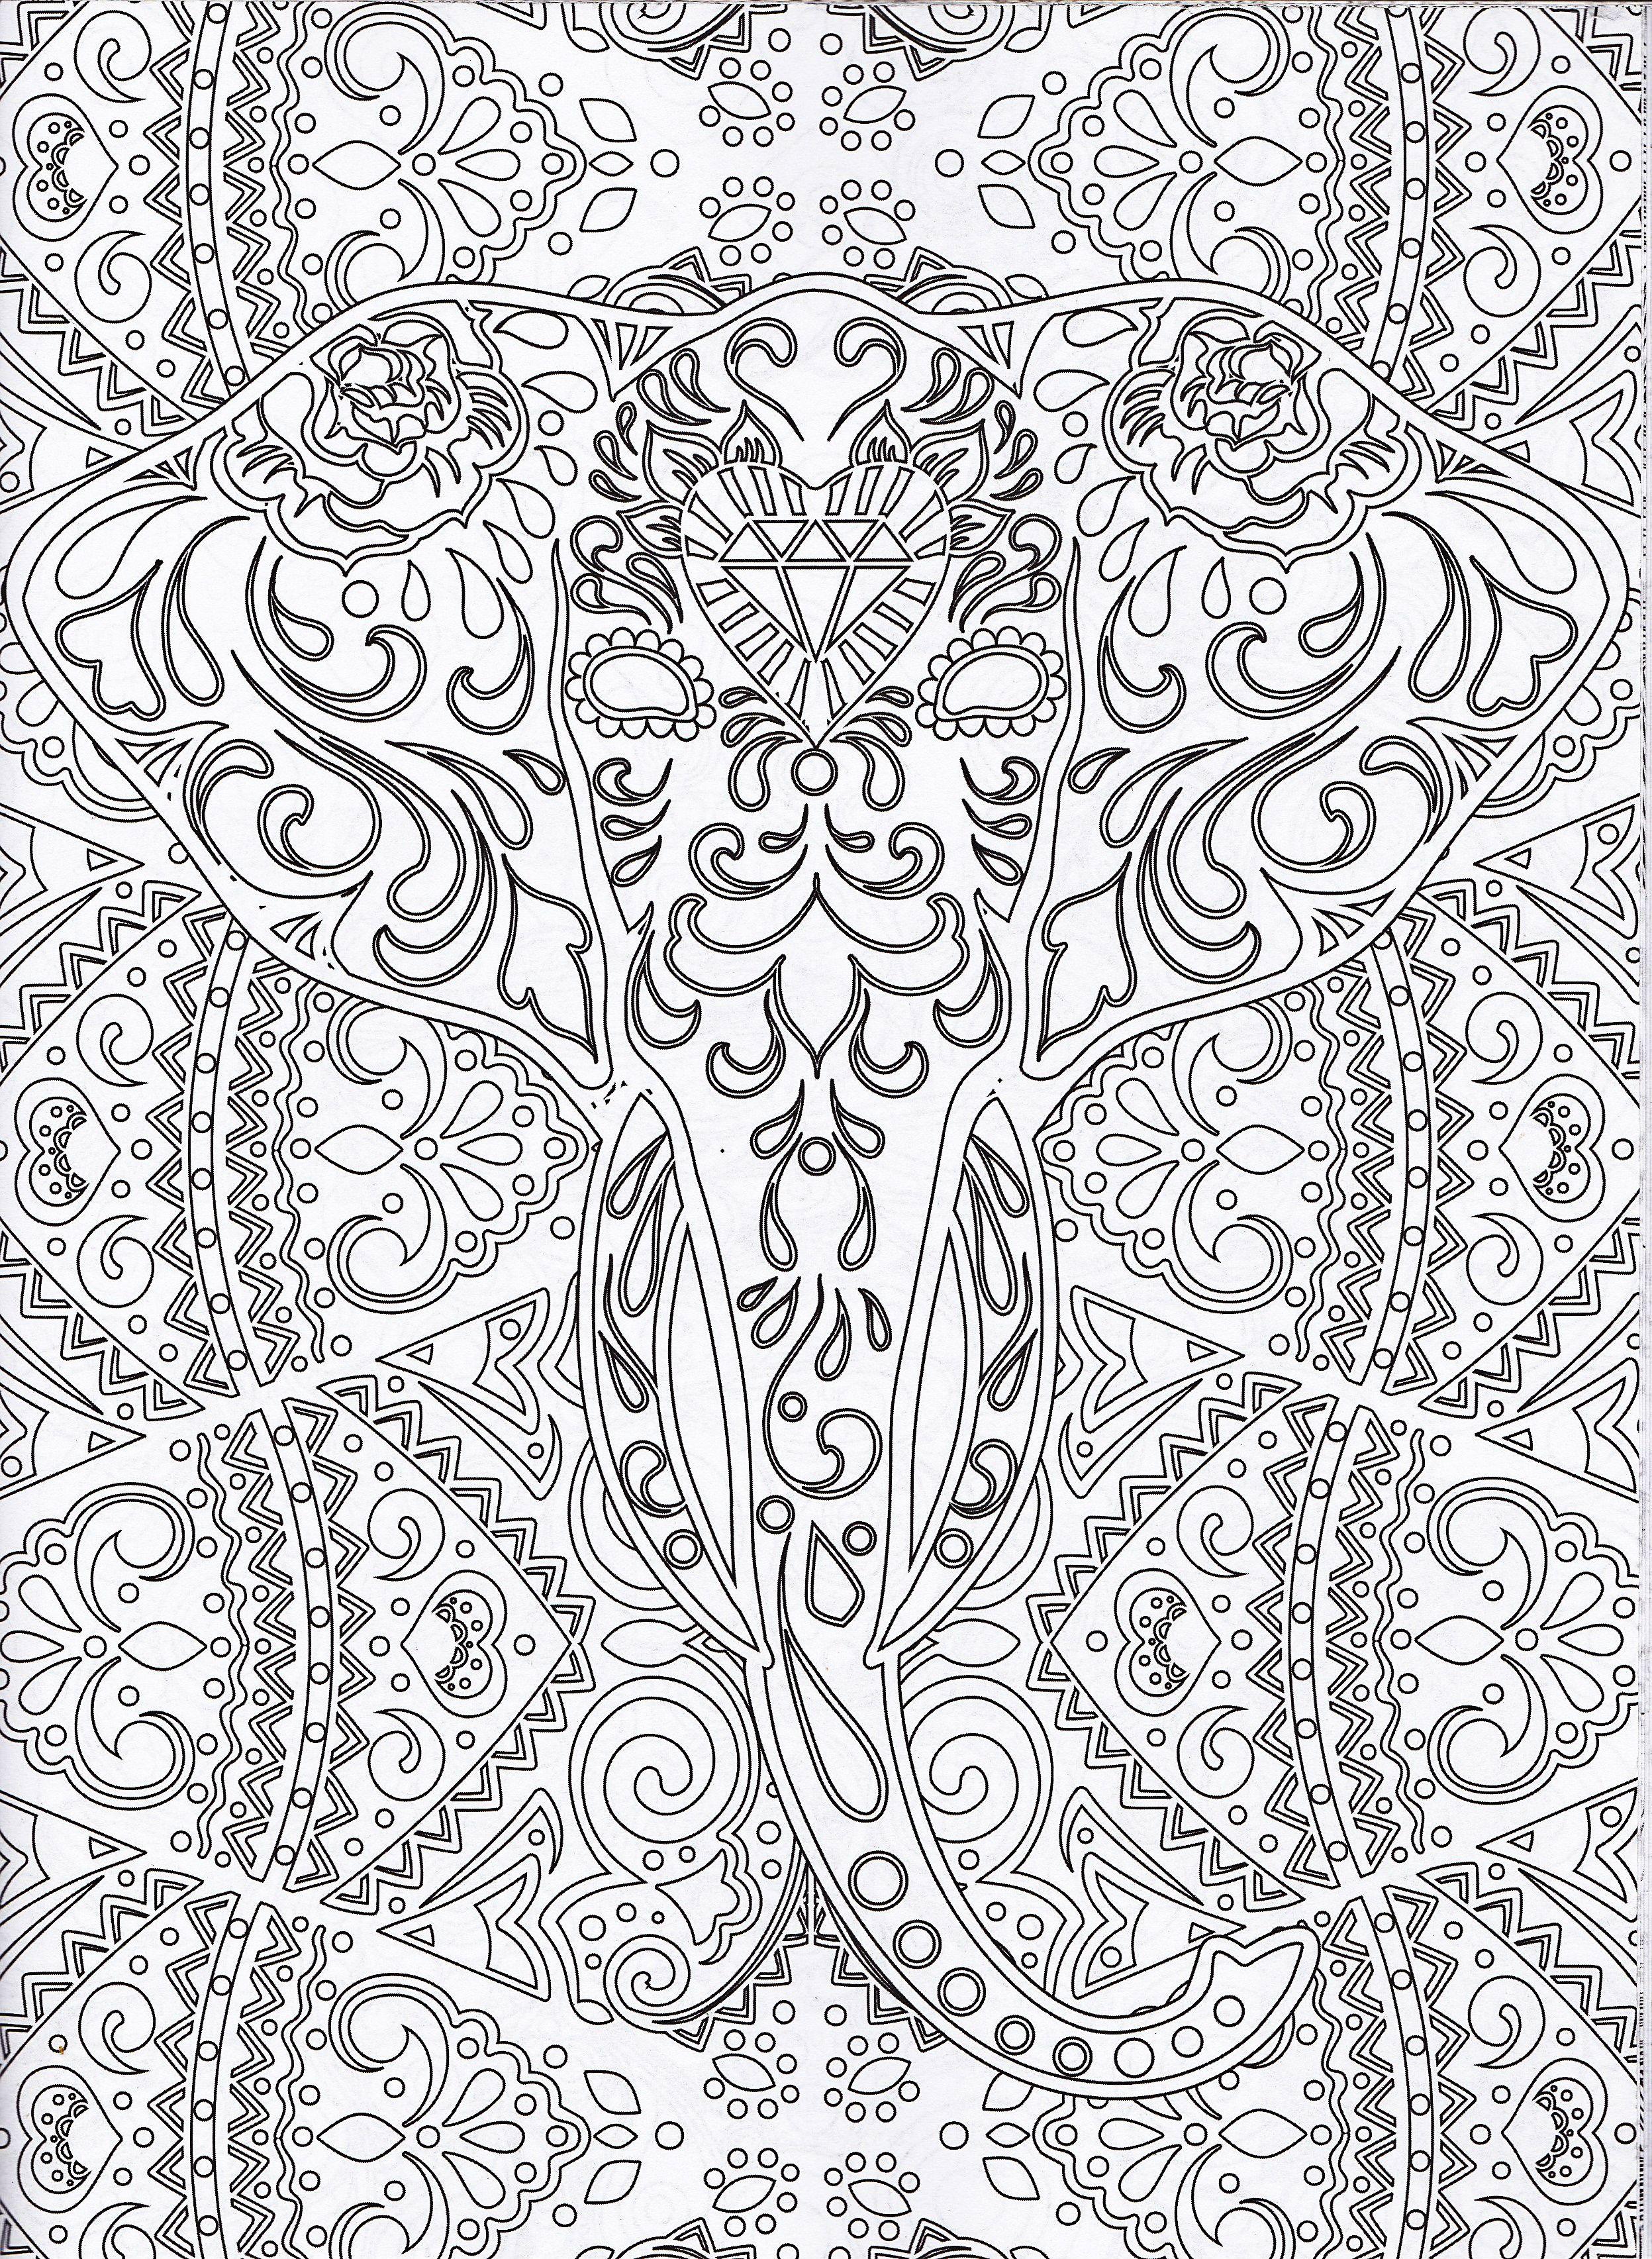 Revue Coloriage Adulte.Magazine Coloriage Zen N 1 Coloriage Elephant Coloriages